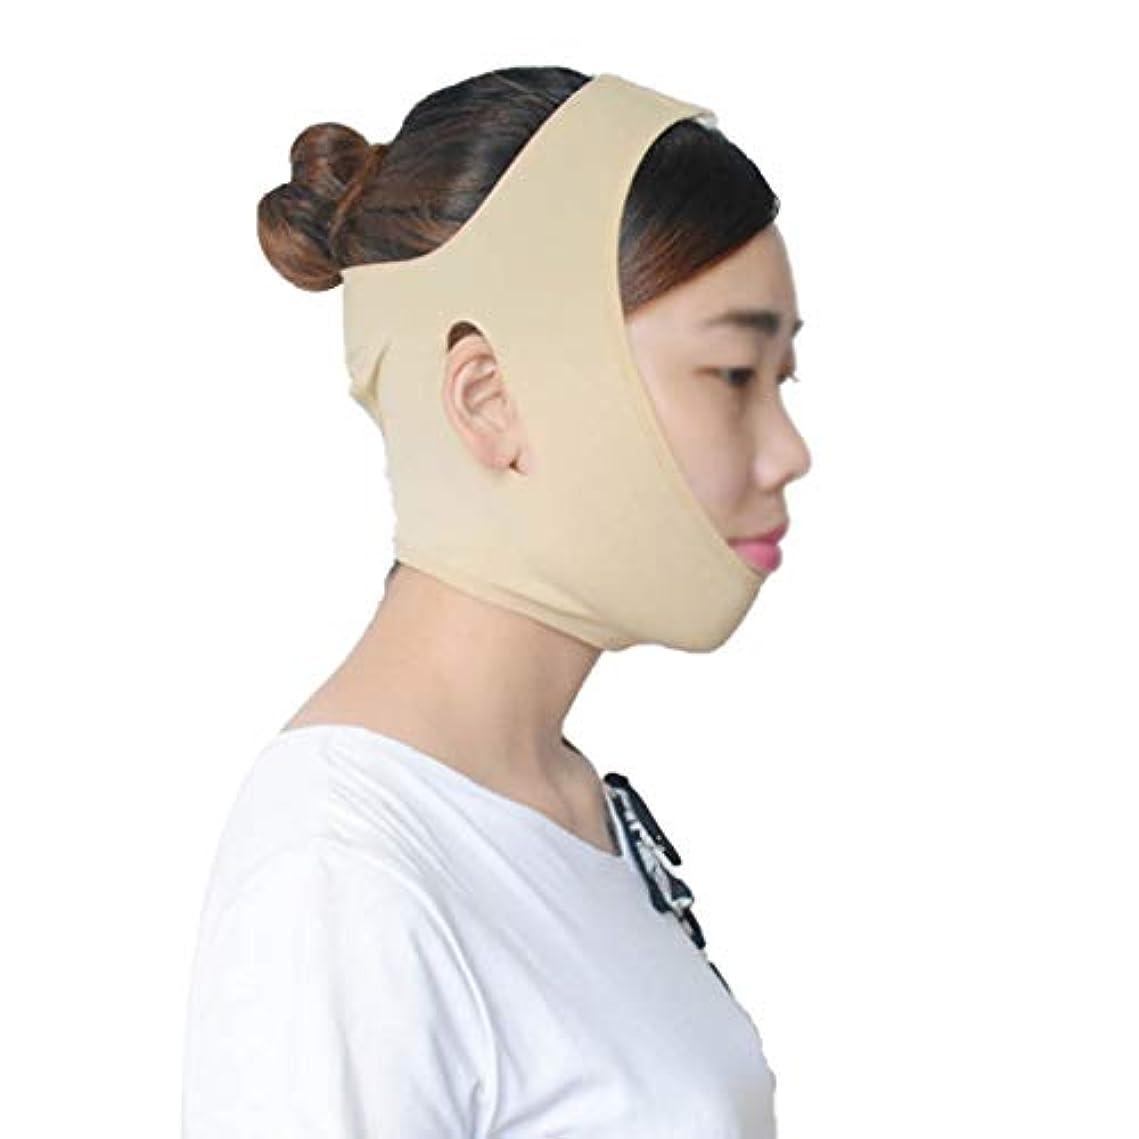 類人猿トレッド摩擦引き締めフェイスマスク、フェイスリフトマスク強力なフェイスリフティングツールフェイスビューティフェイスリフティングフェイスマスク引き締めフェイスリフティングフェイスリフティングフェイスリフティング包帯 (Size : L)